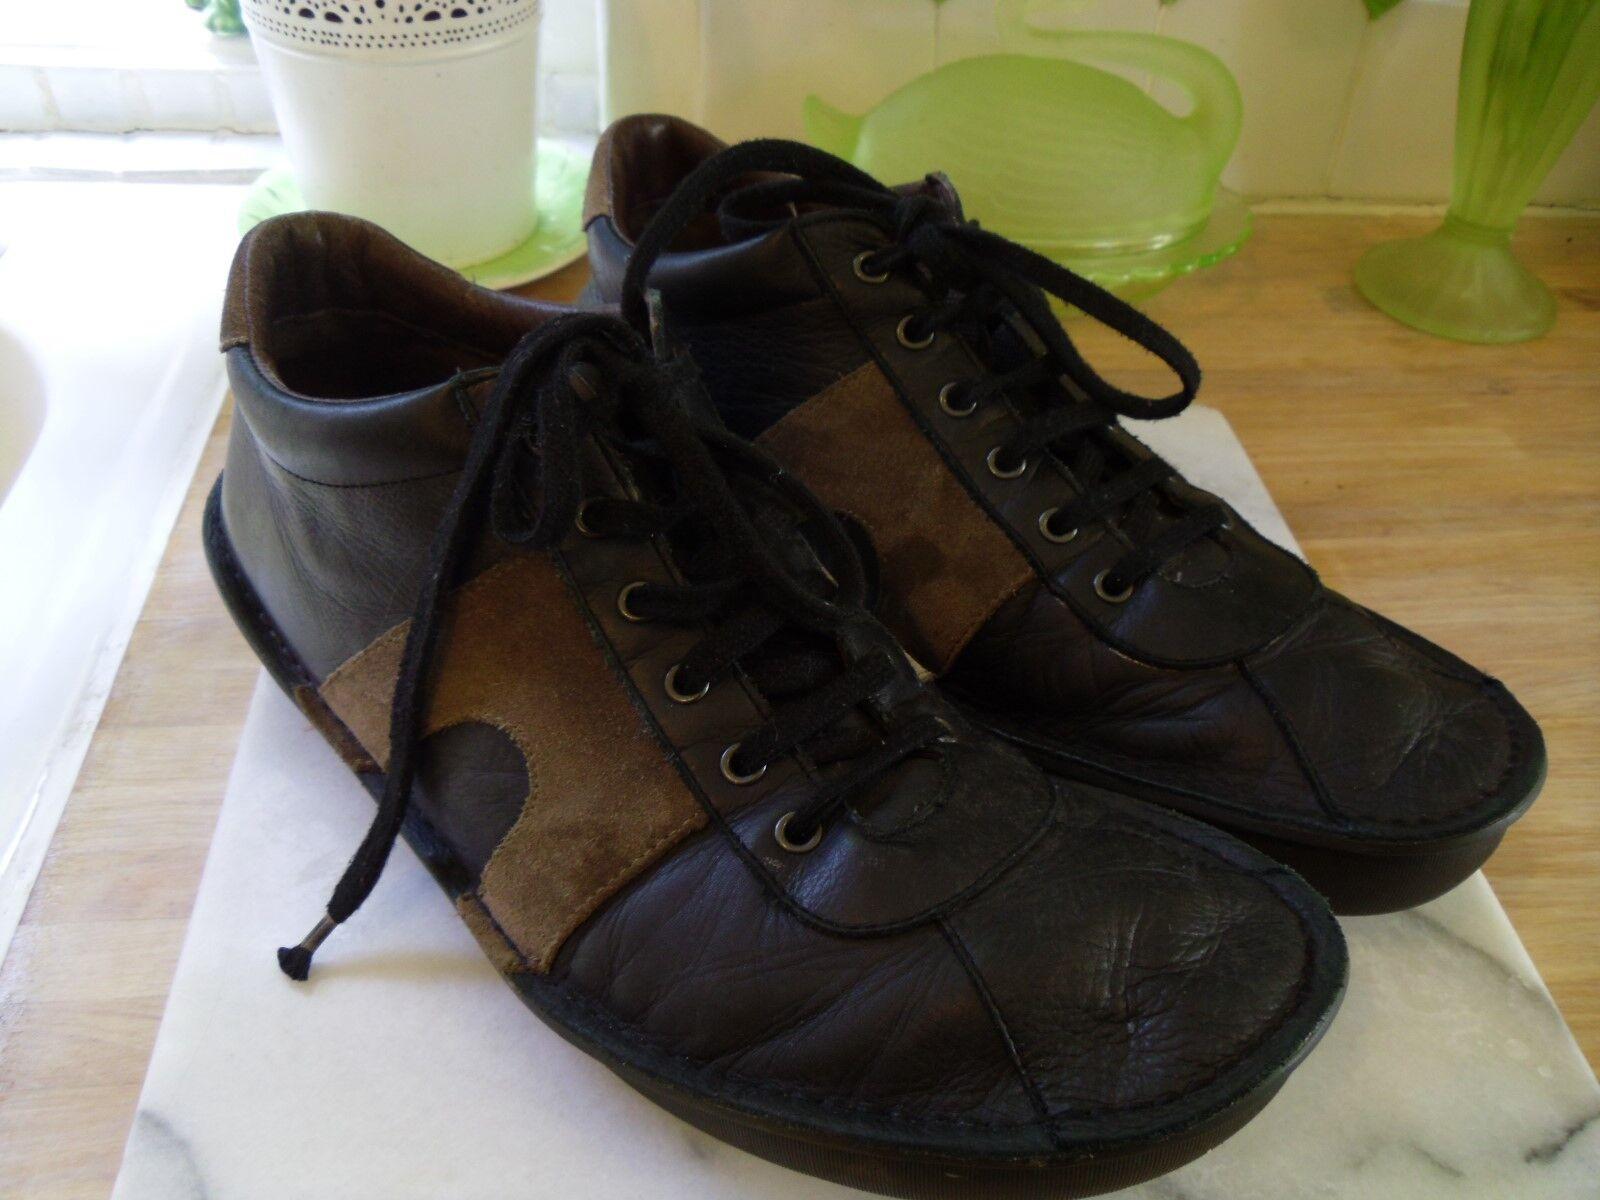 CAMPER Hombre DARK Zapatos Marrón LEATHER & SUEDE Zapatos DARK botas 44 8b5a84